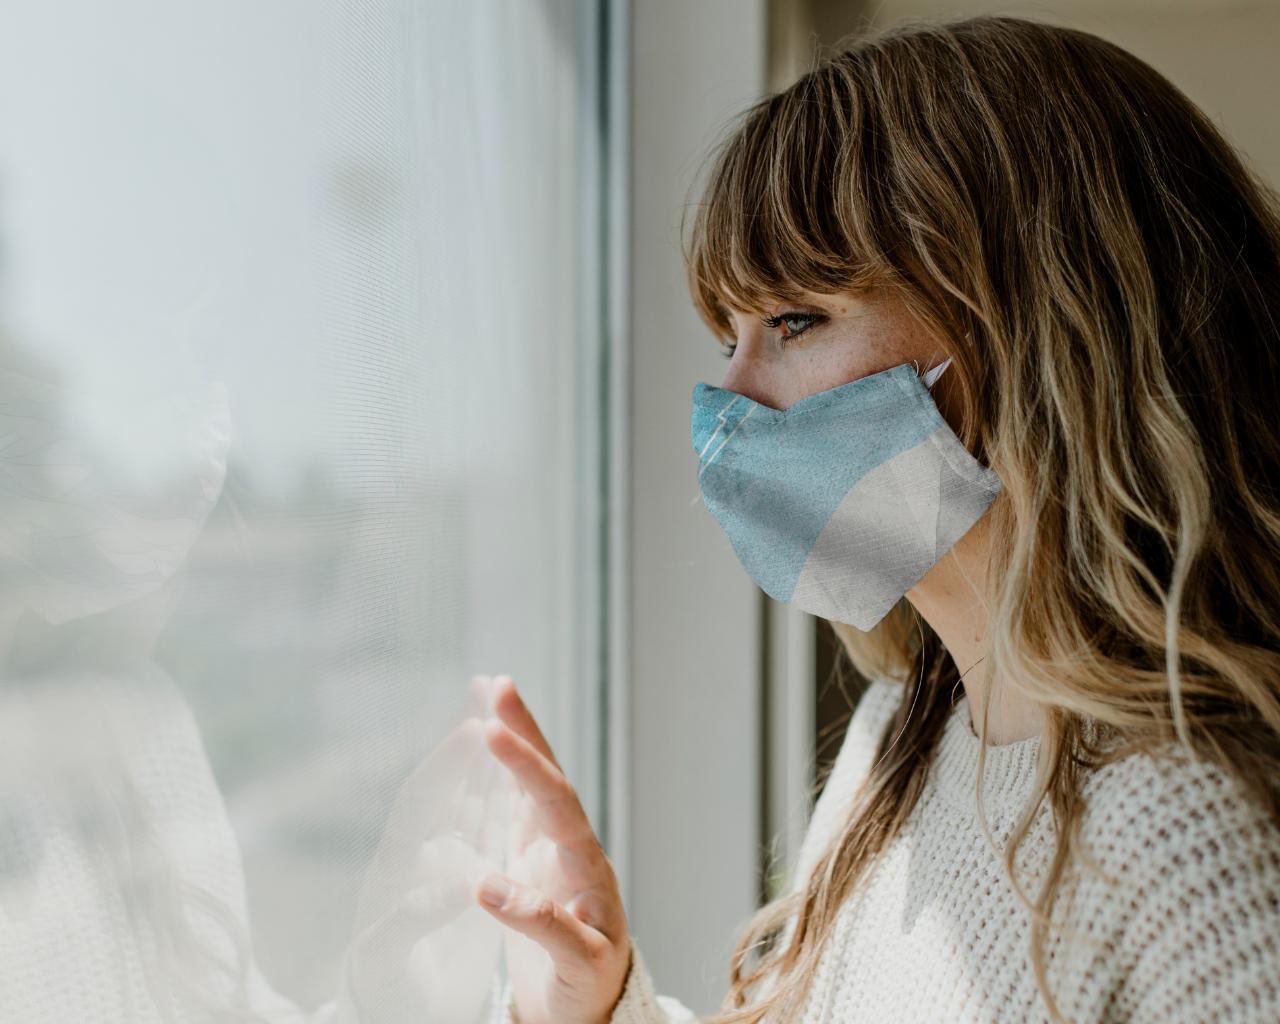 Llaman a buscar ayuda profesional ante problemas de salud mental producto de la pandemia